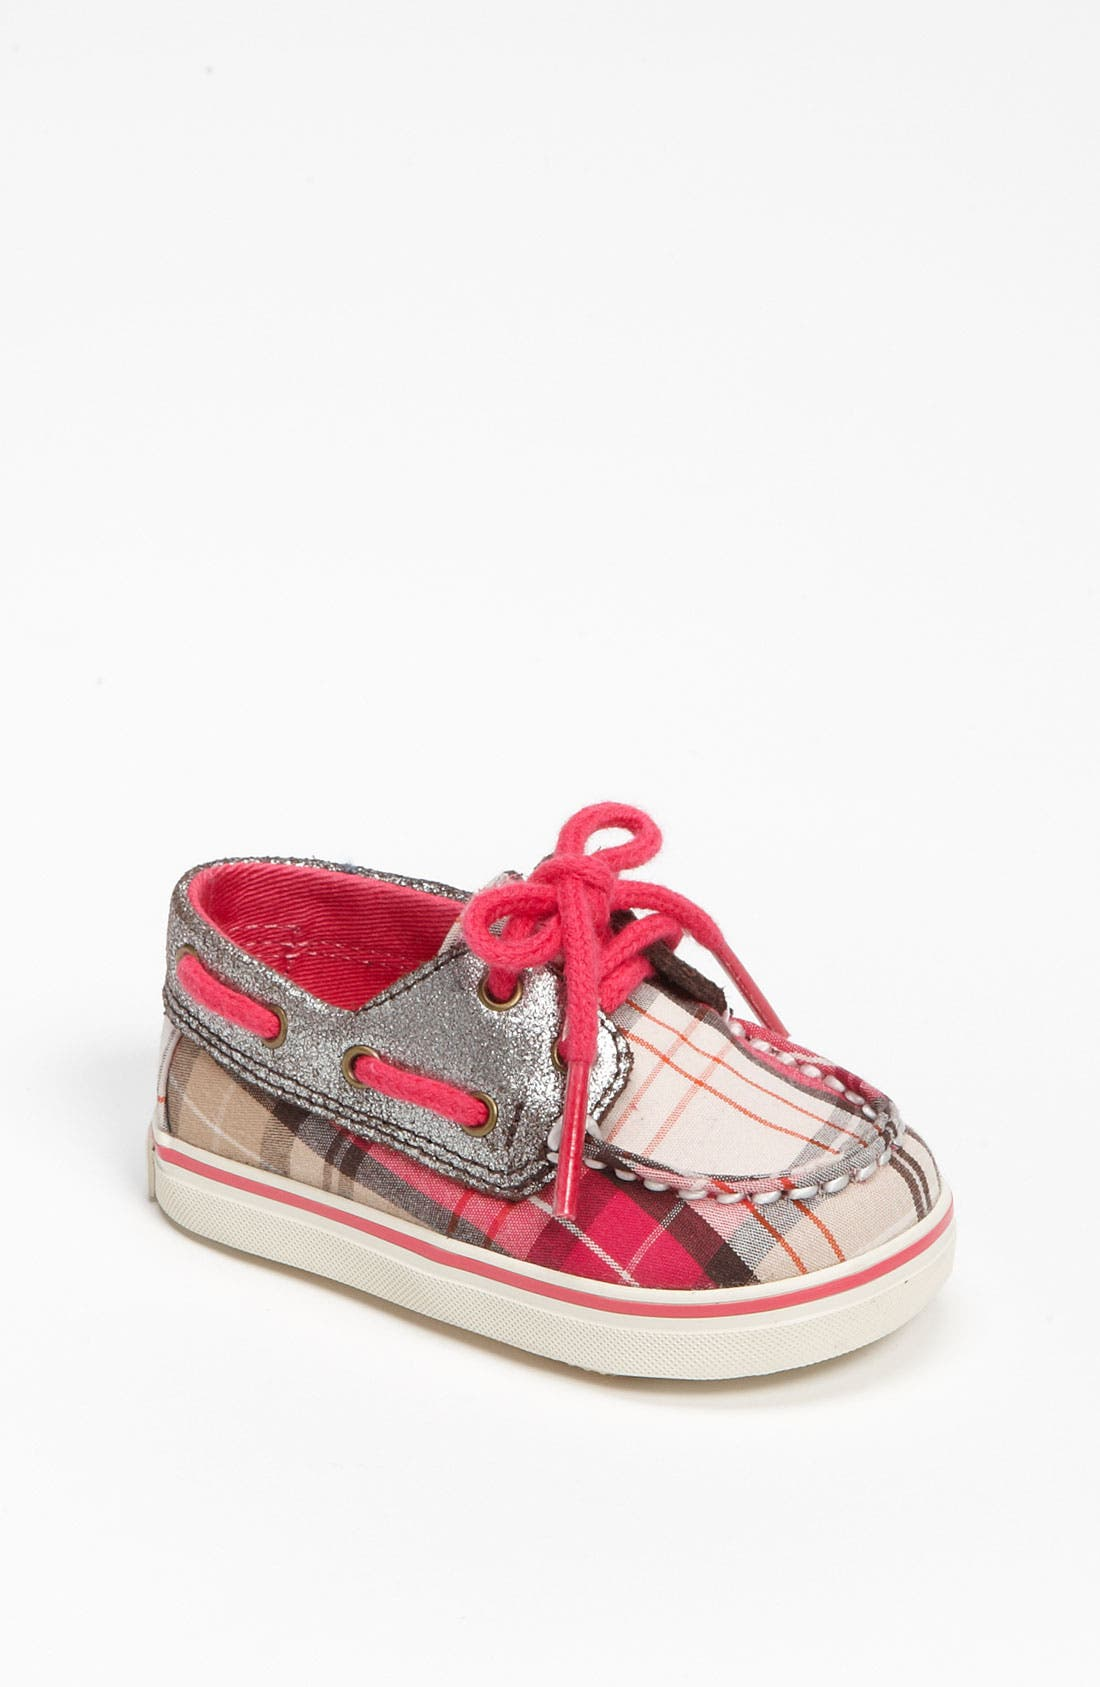 Main Image - Sperry Kids 'Bahama' Crib Shoe (Baby)